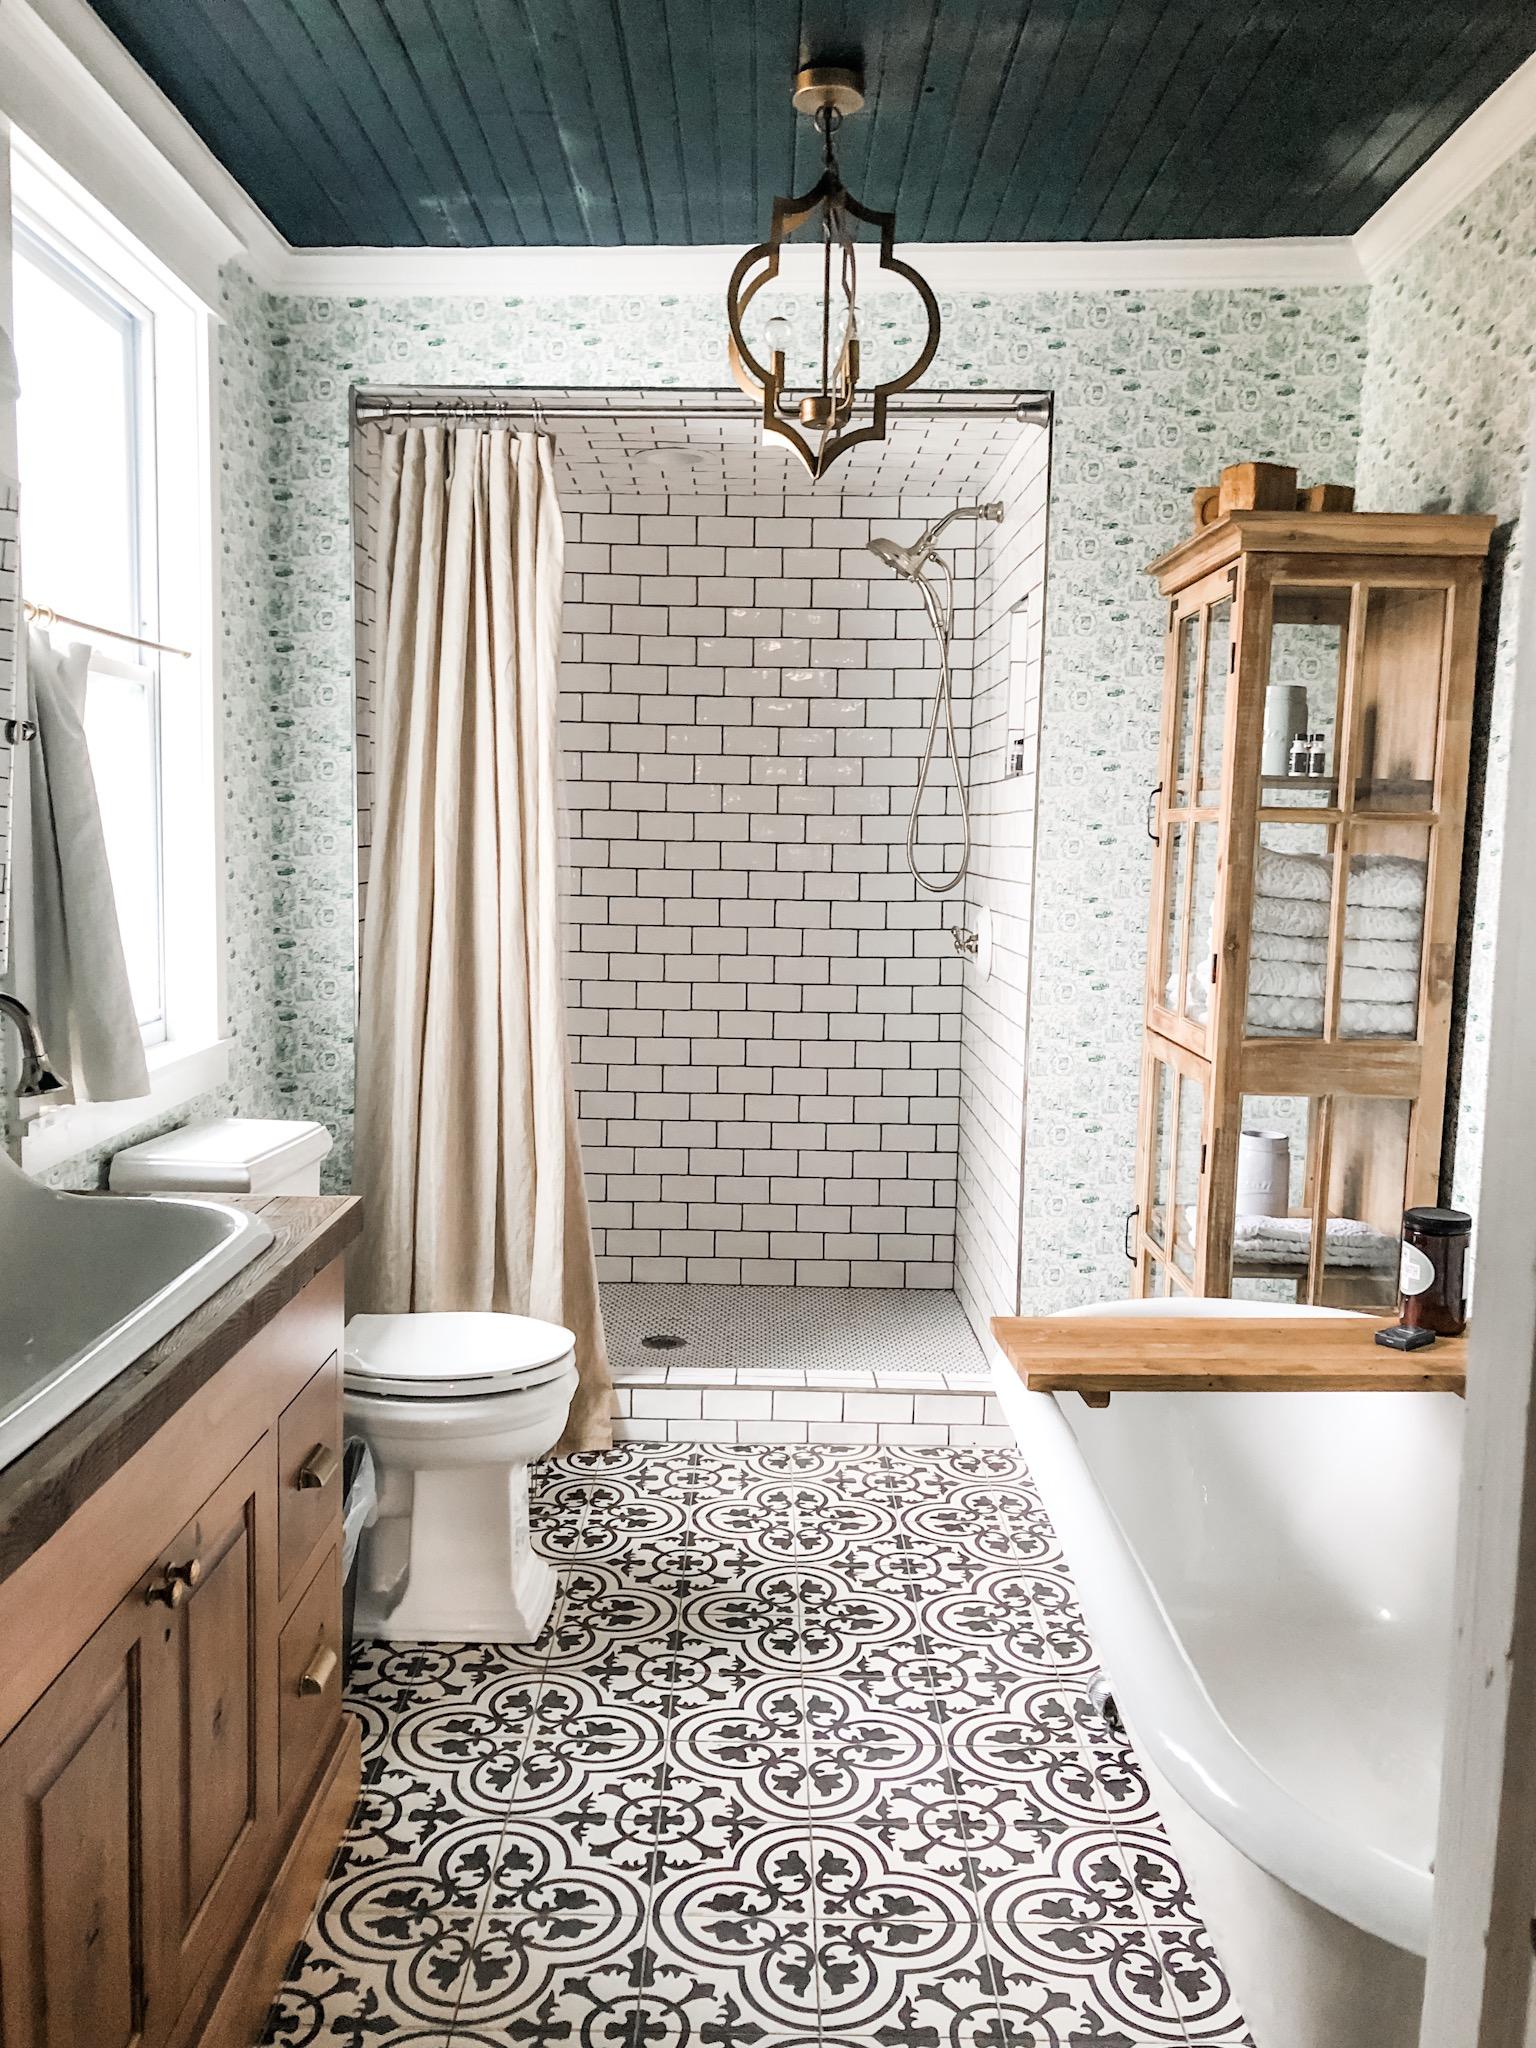 the dreamiest bathroom!